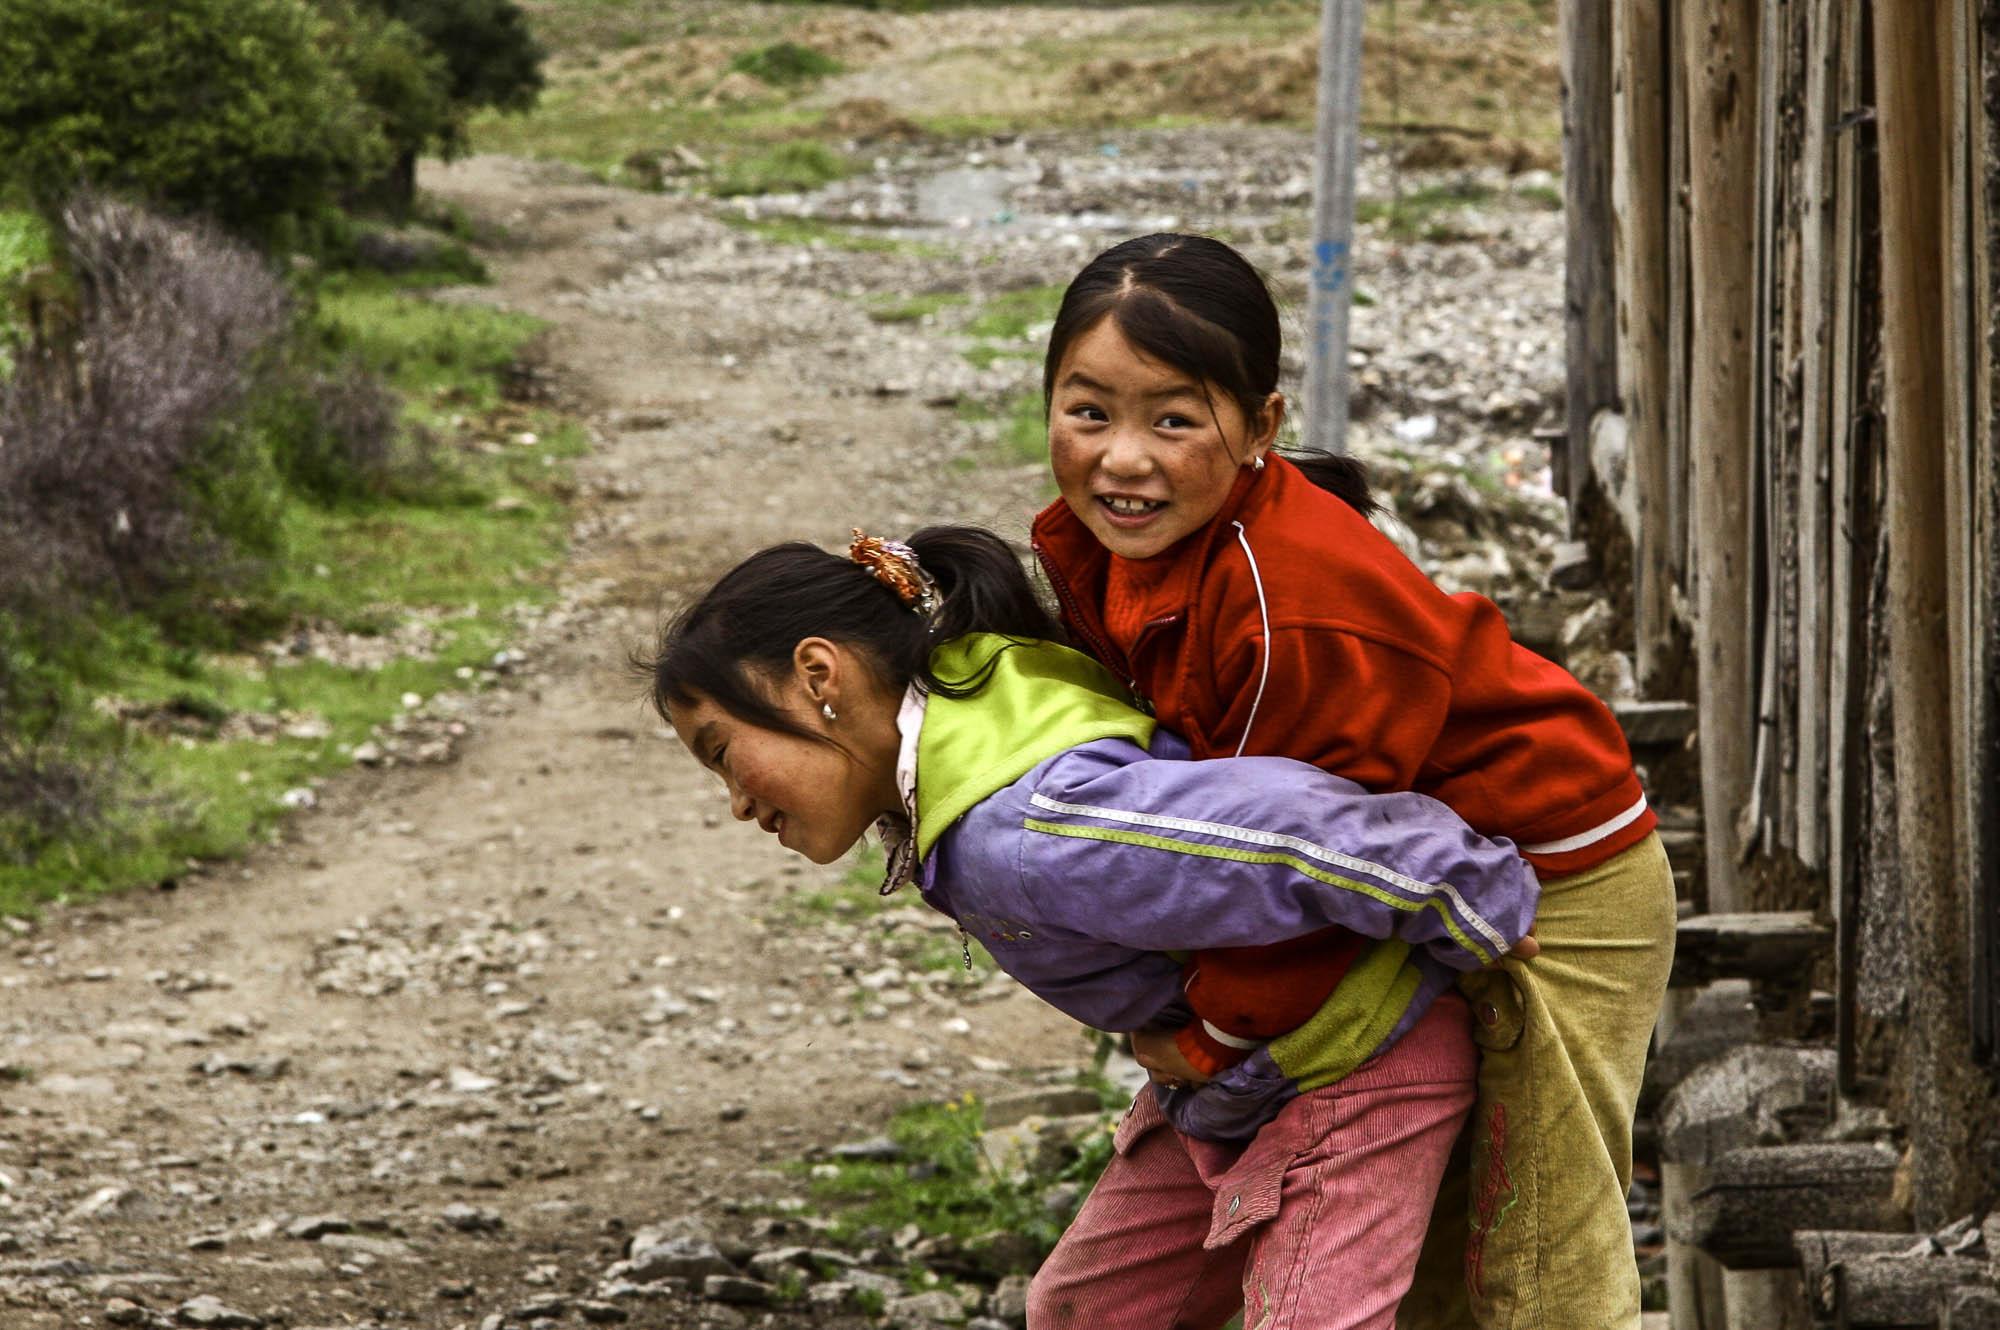 CHINA_2006_people_jusmedic - 11